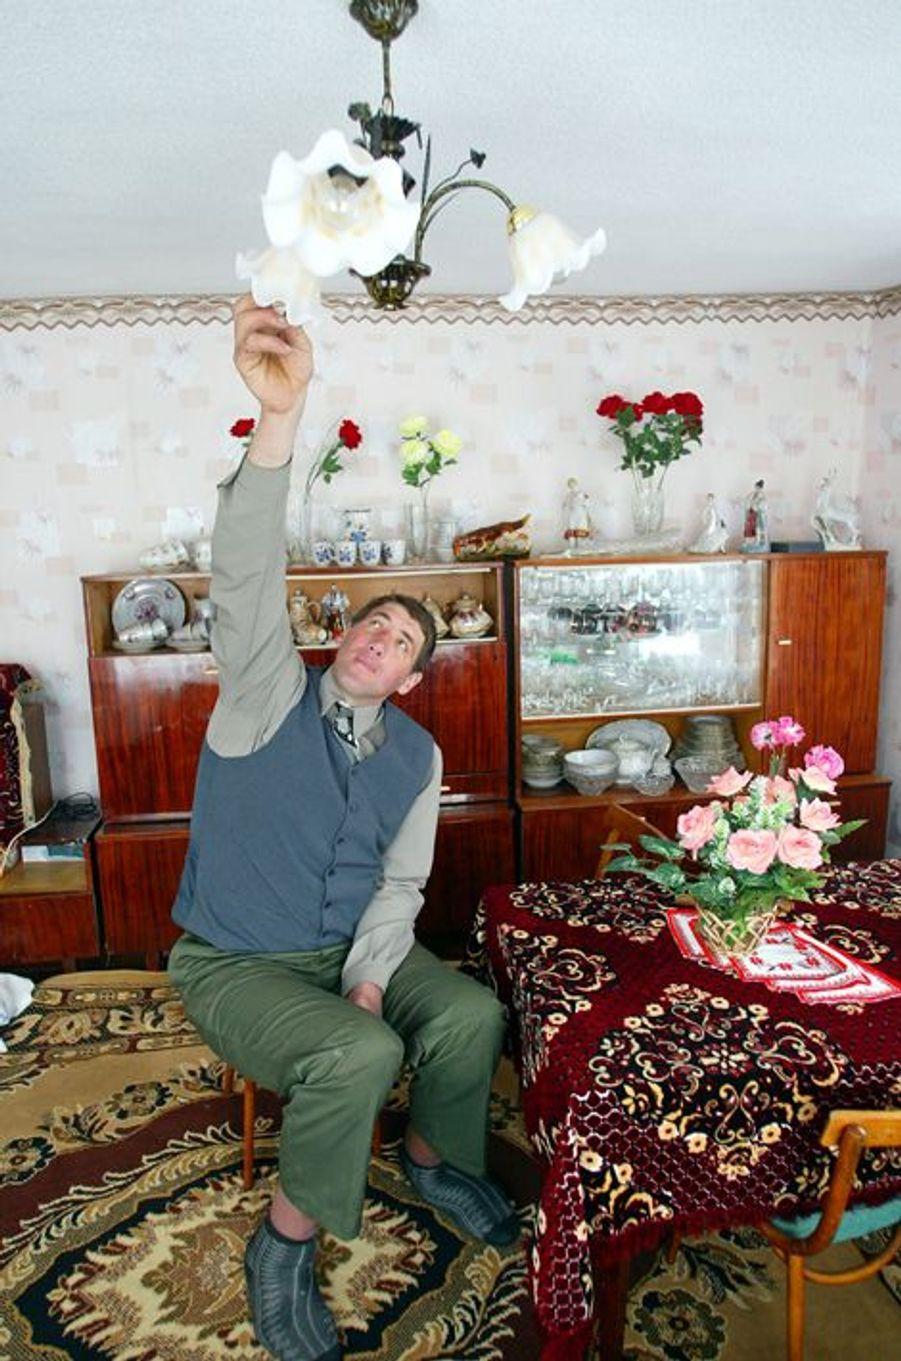 Assis, Leonid Stadnyk pouvait changer les ampoules de son salon